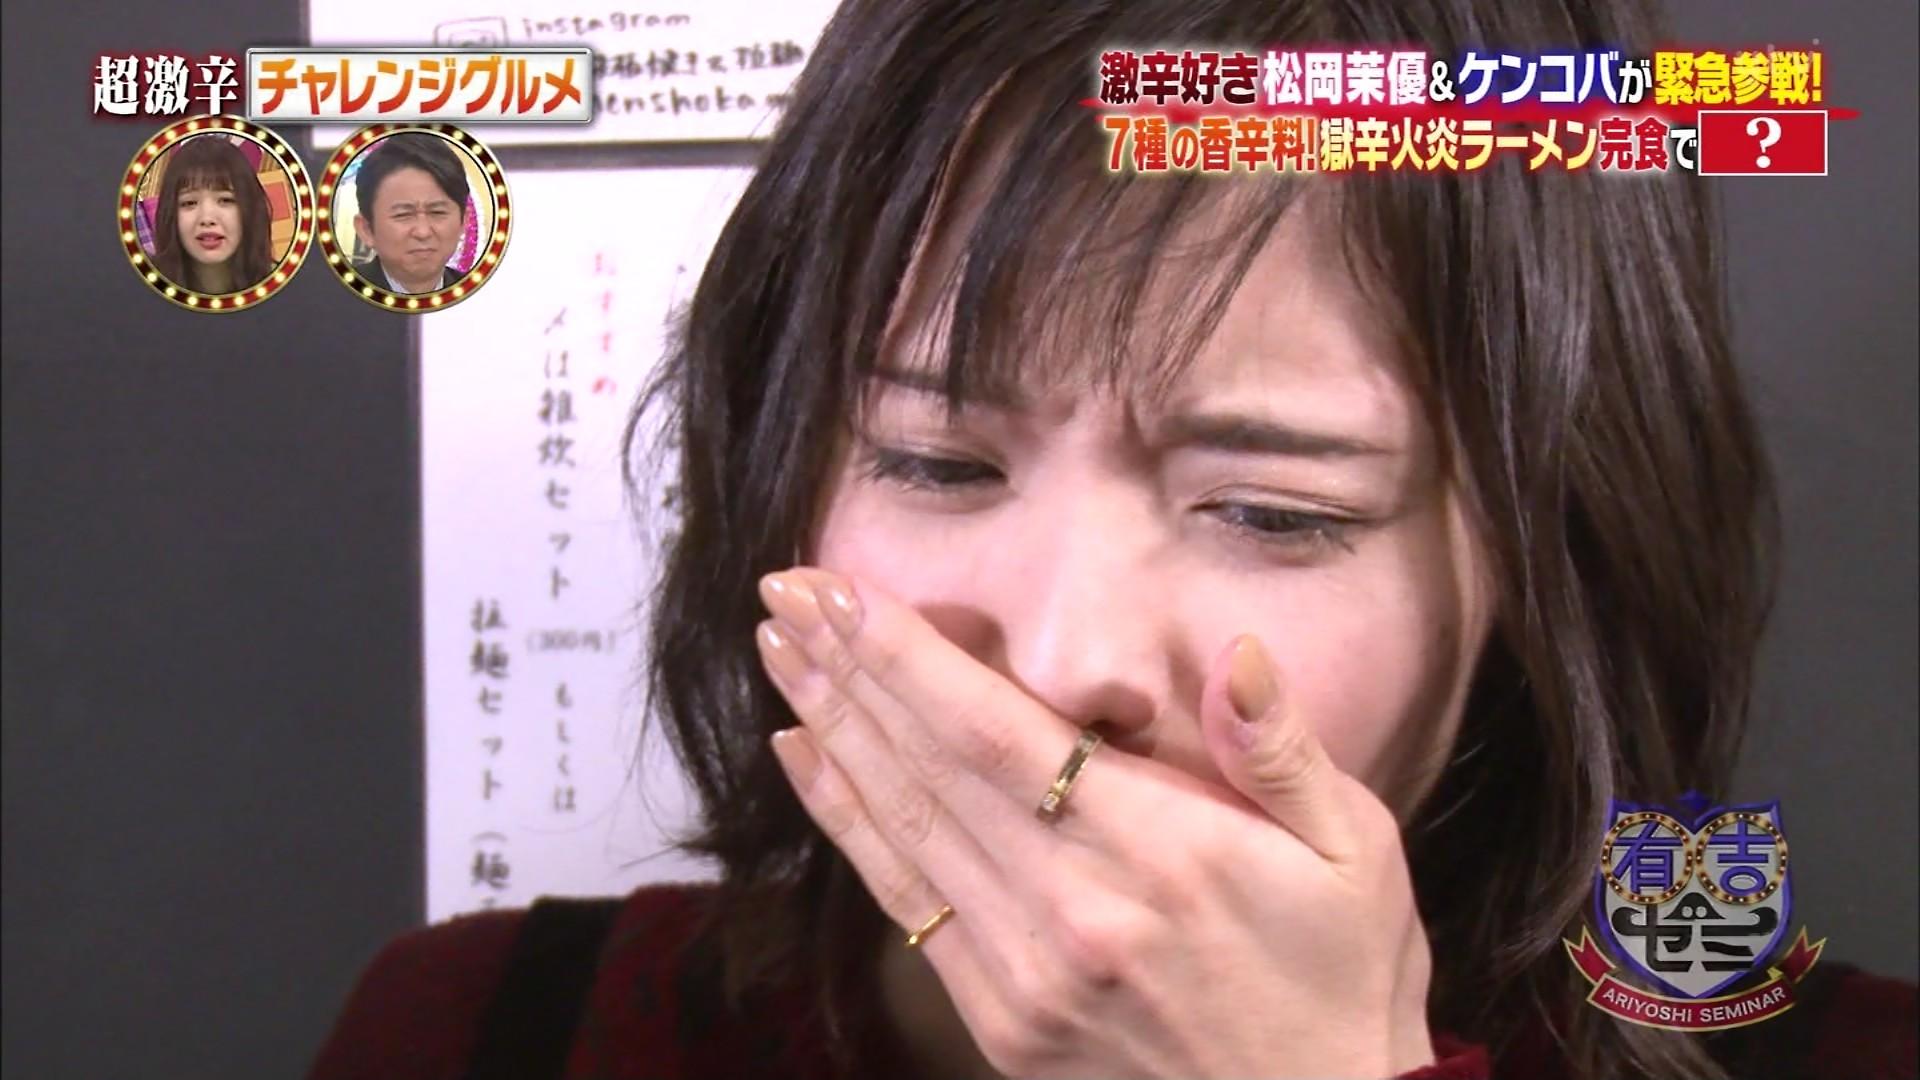 松岡茉優(22)の入浴シーン・疑似フェラ等抜けるエロ画像105枚・106枚目の画像